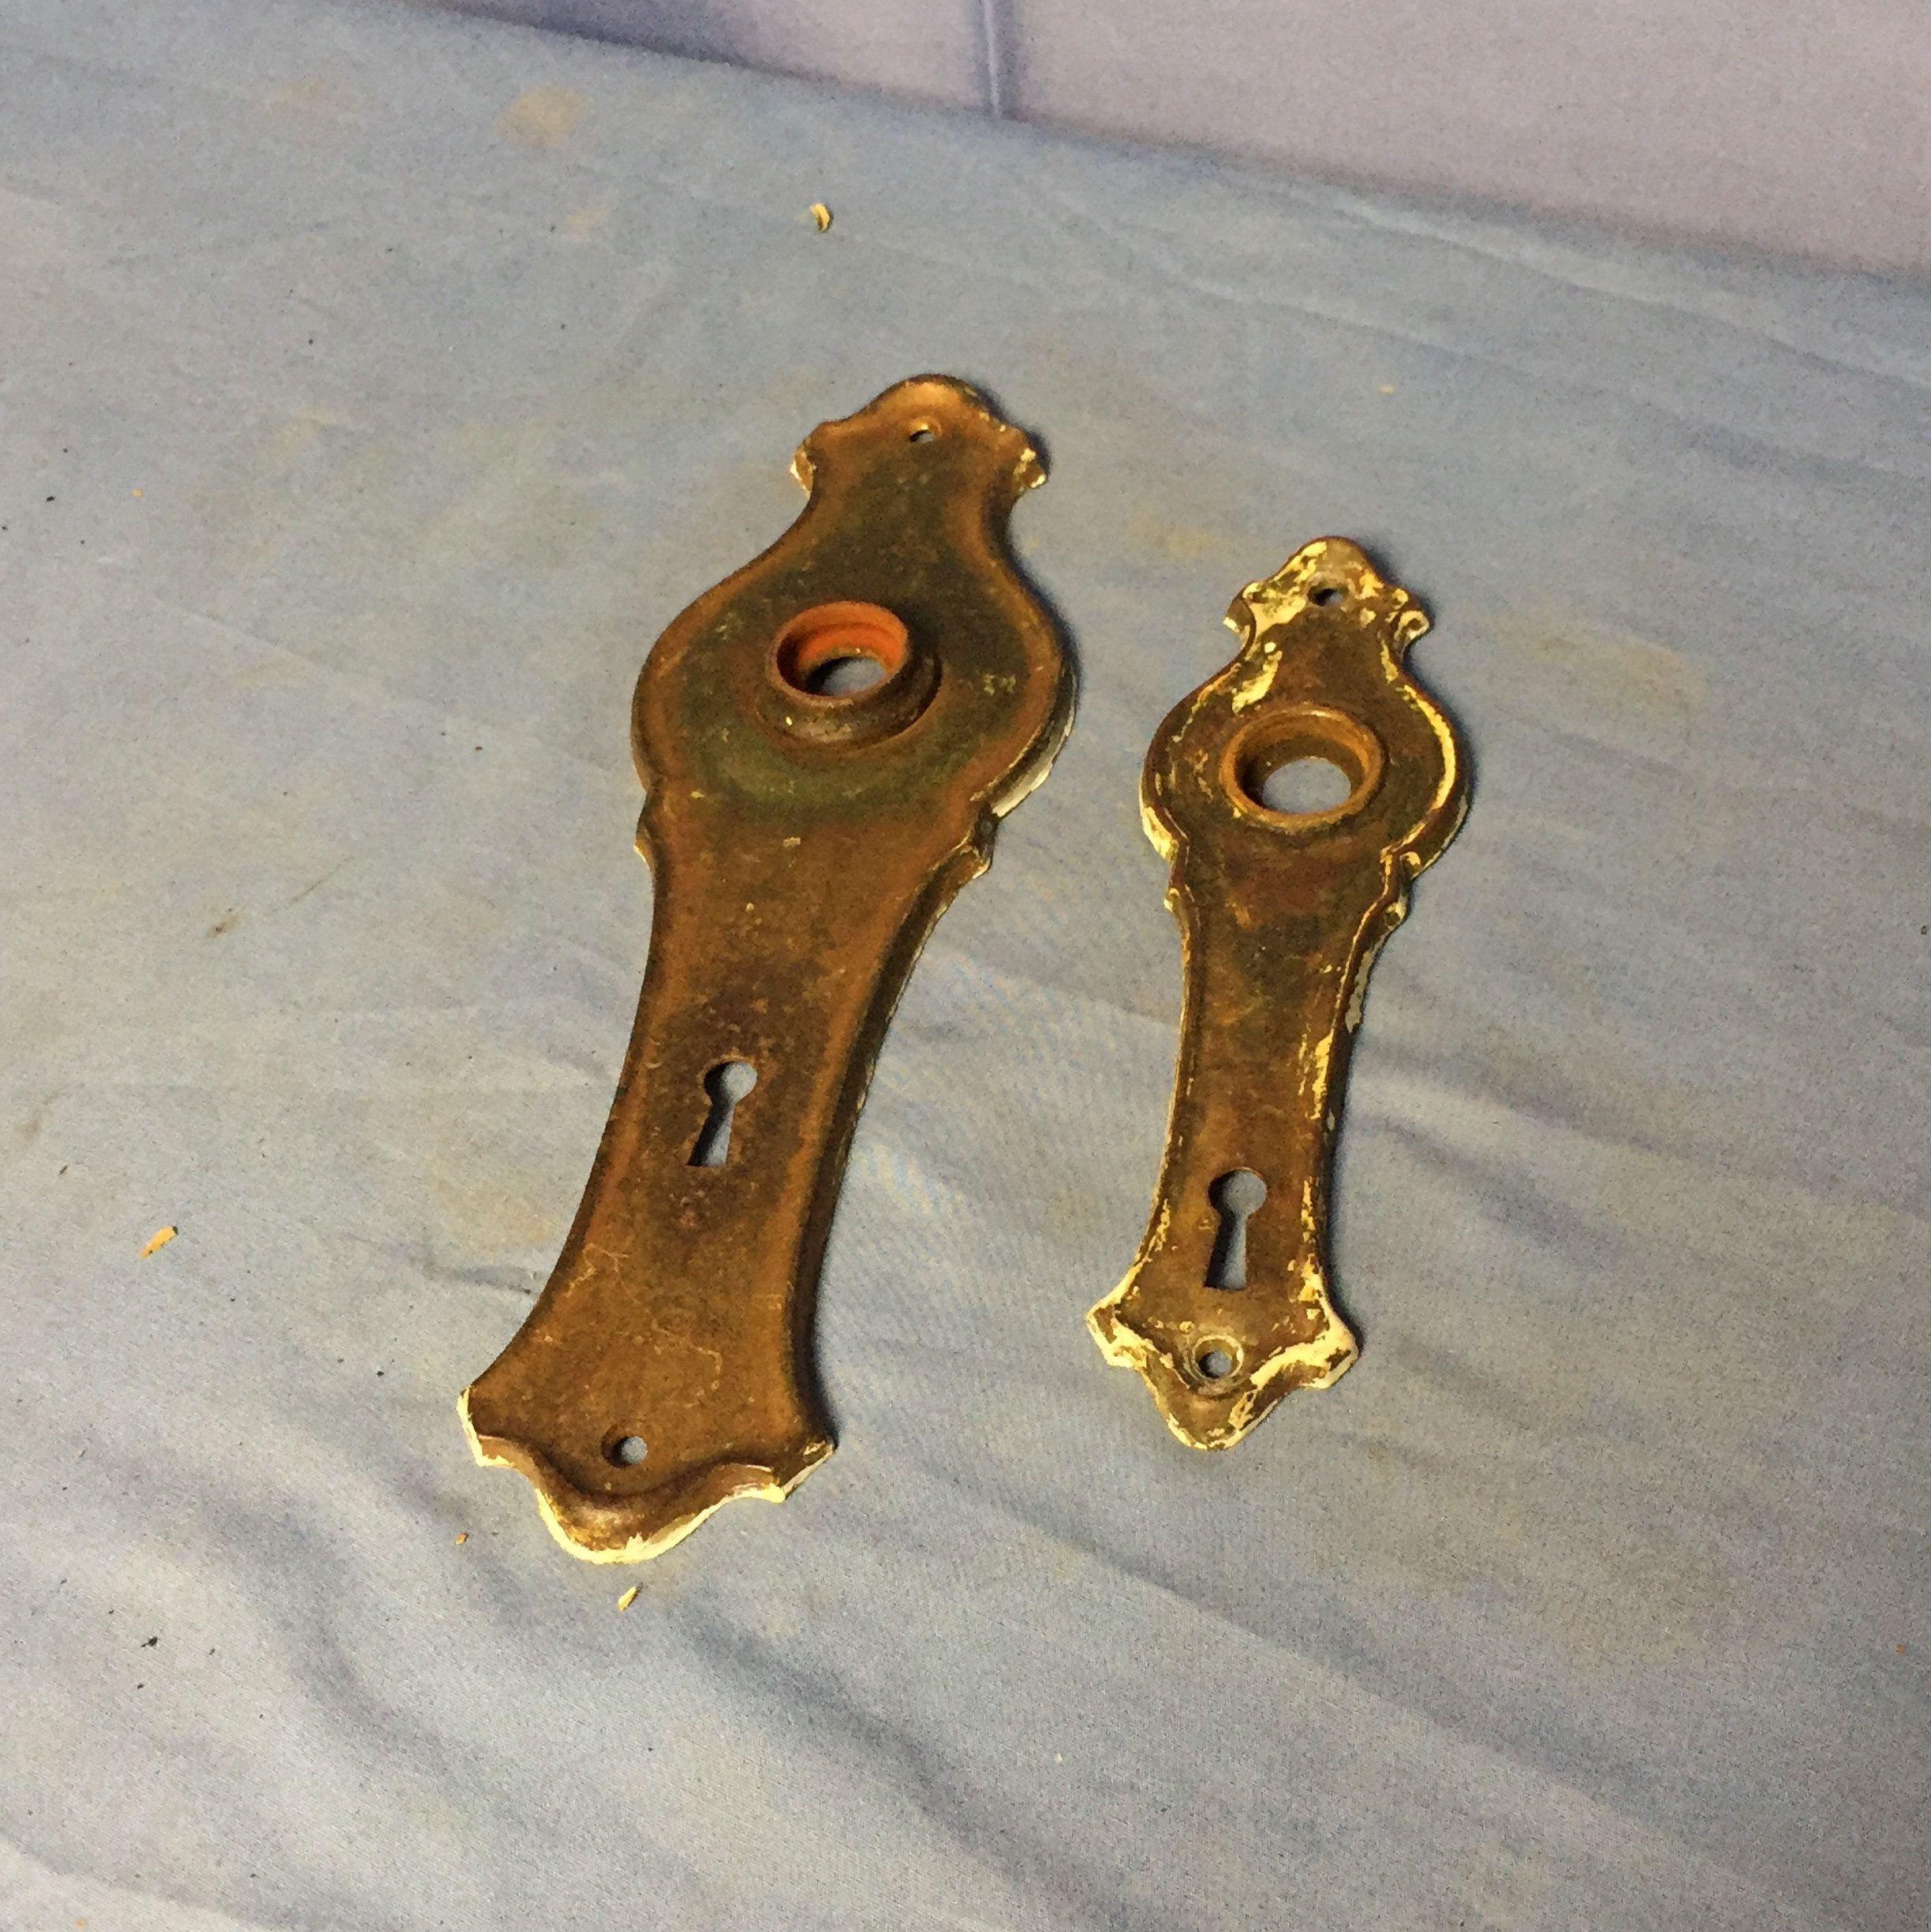 Pin On Vintage Hardware